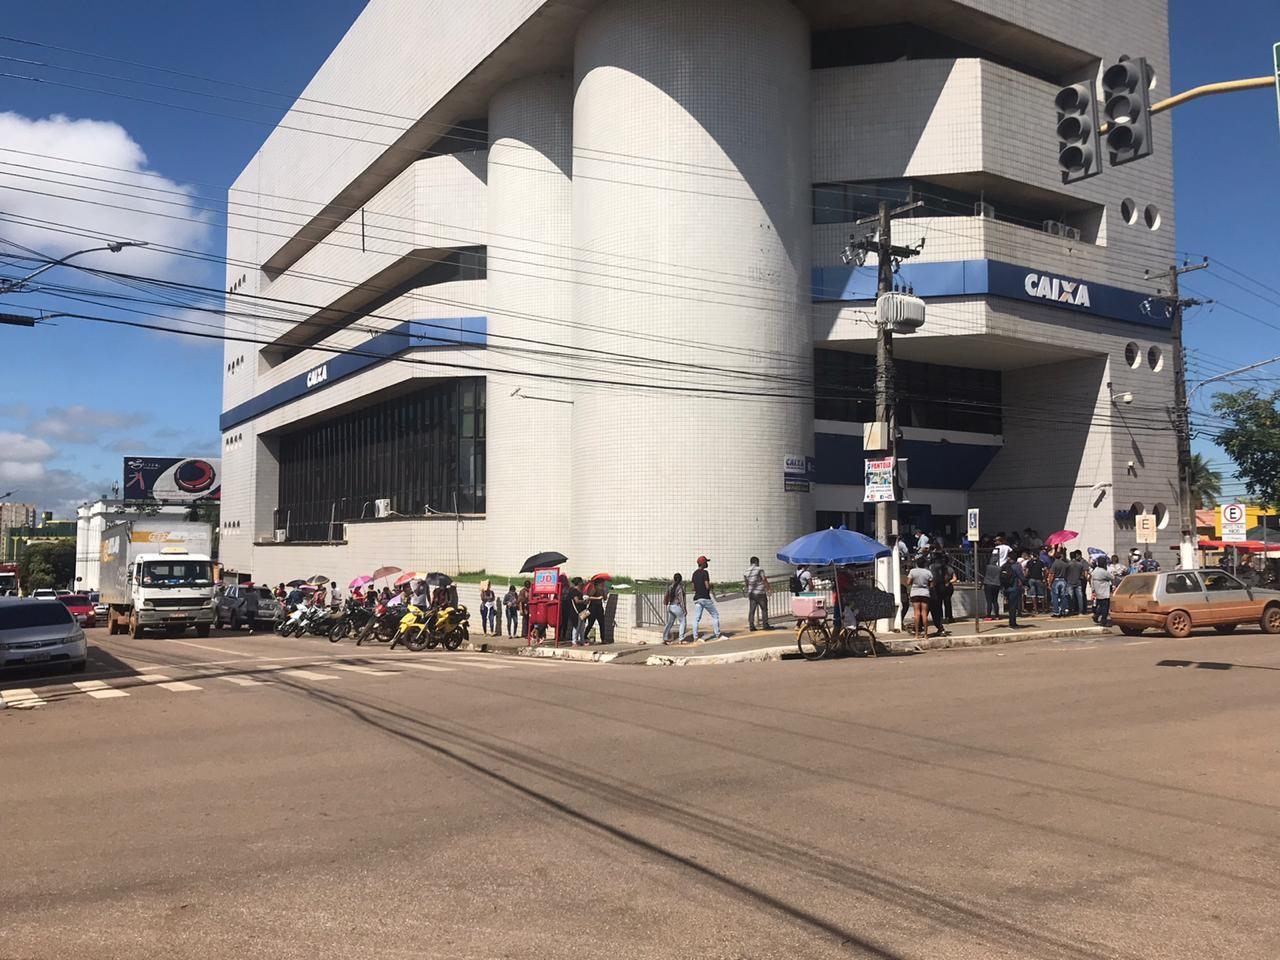 Caixa abrirá 14 agências no sábado, 2, para pagamento de auxílio emergencial em Rondônia